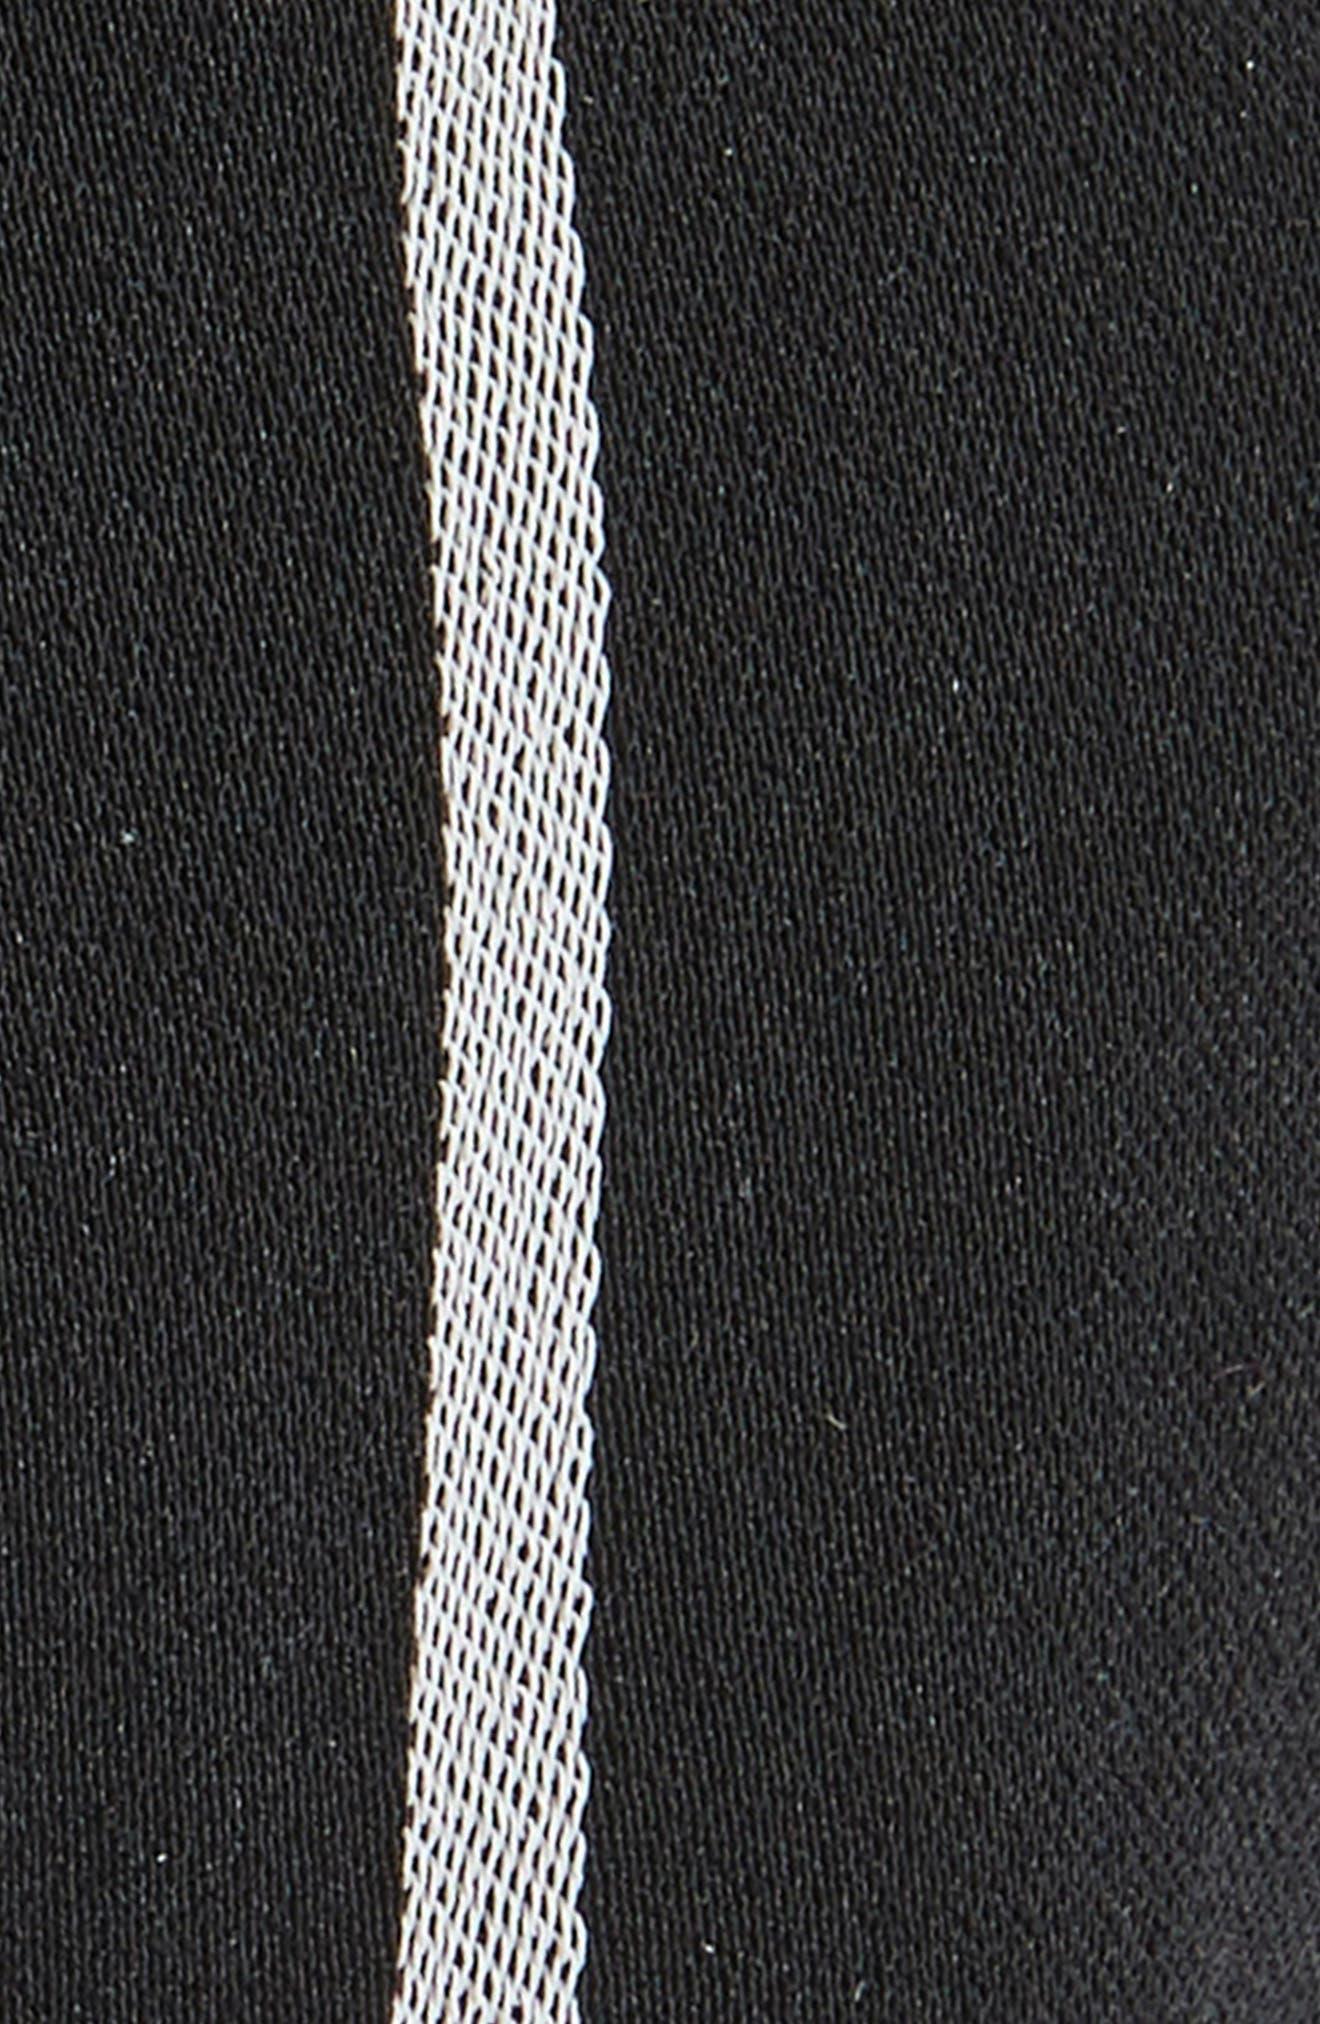 Stripe Knot Headband,                             Alternate thumbnail 2, color,                             BLACK